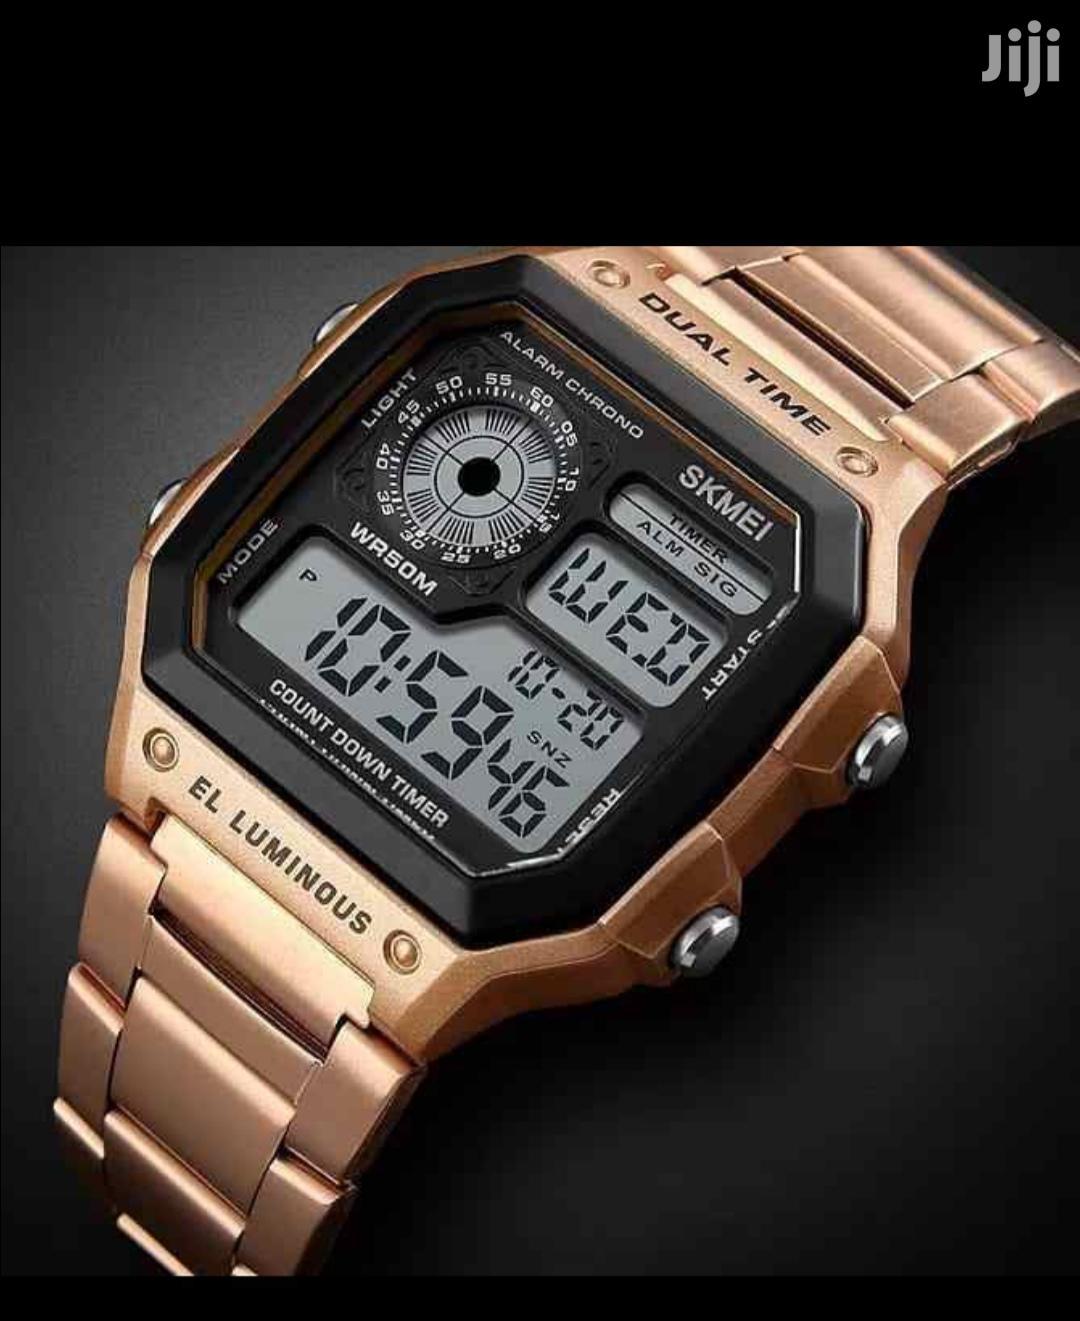 Skmei Dual Time Wrist Watch